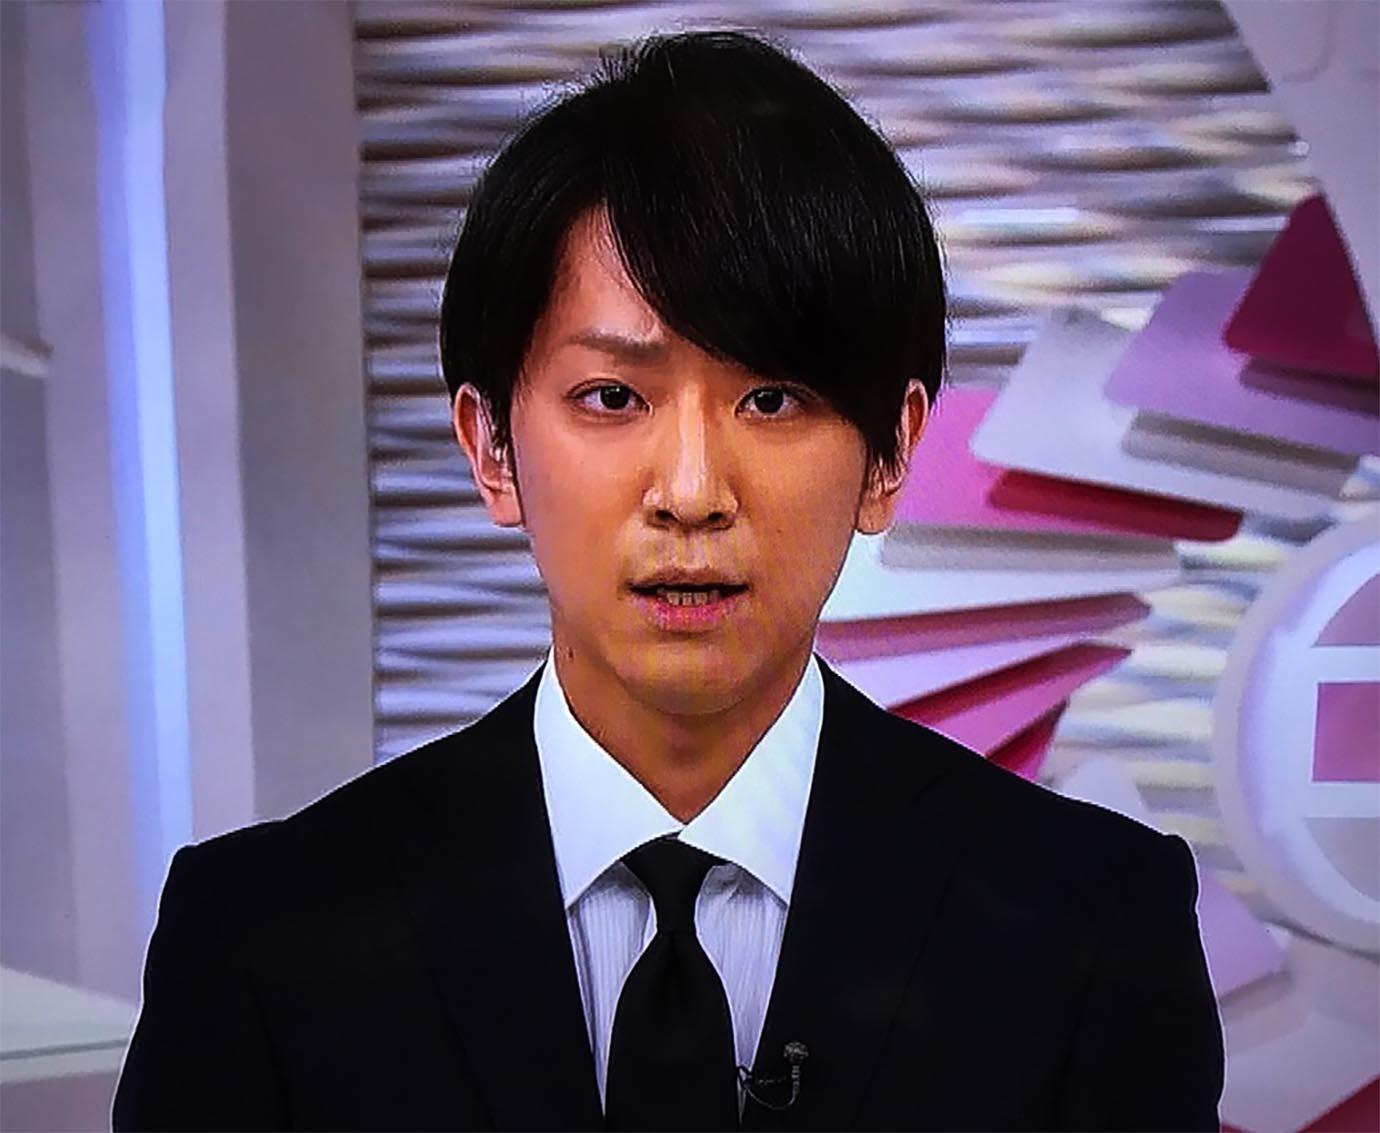 「NEWS 小山慶一郎」の画像検索結果